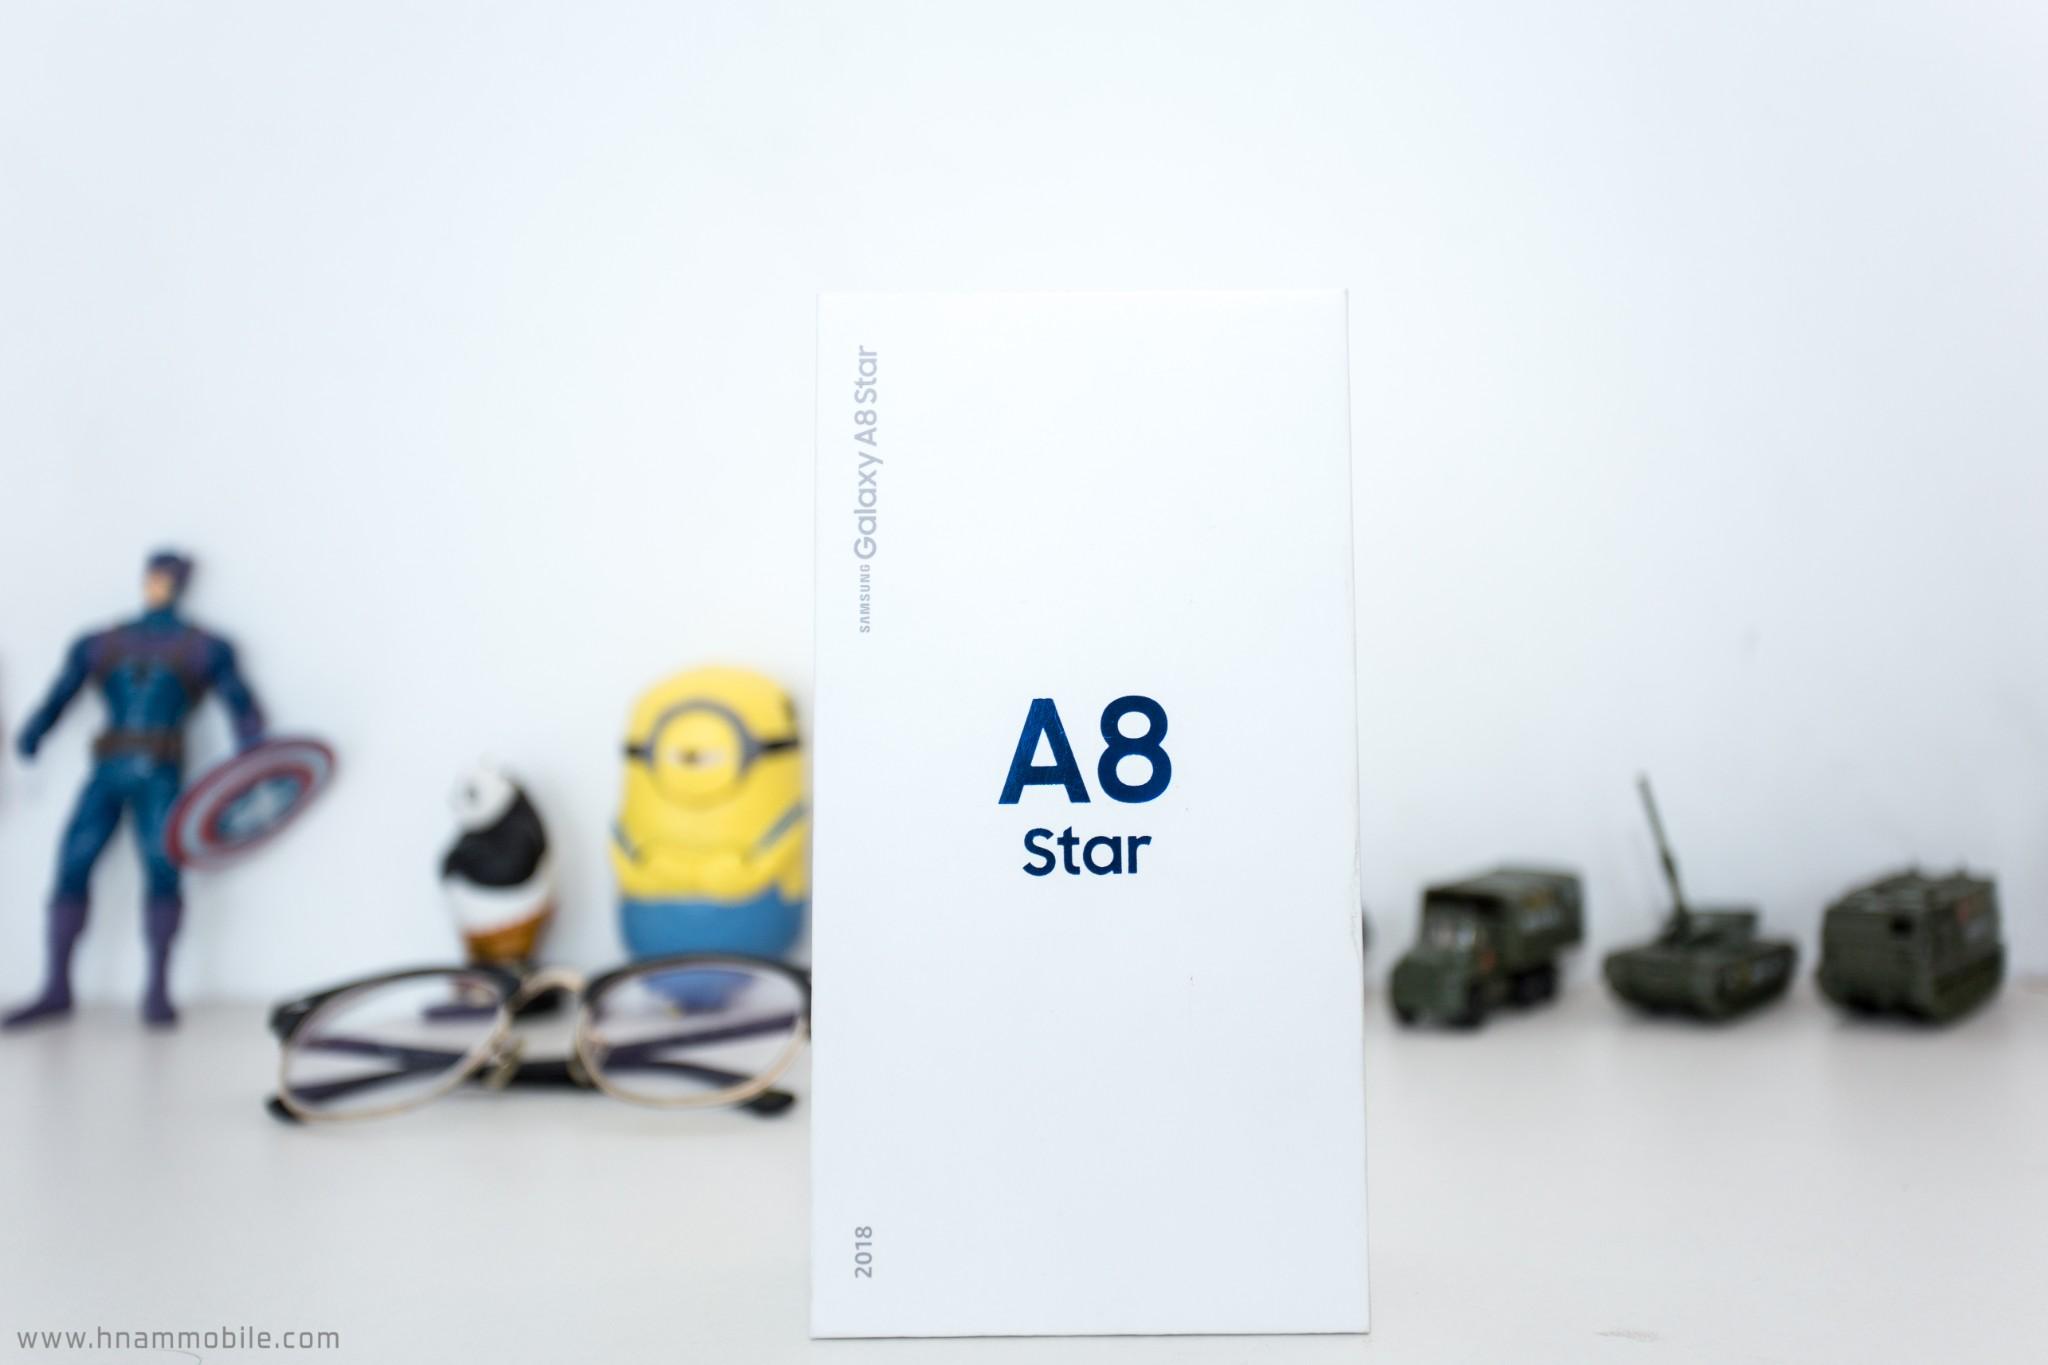 Trên tay Galaxy A8 Star: Hoàn thiện tốt, máy cực mỏng, màn hình tràn viền 6,3 inch hình 6